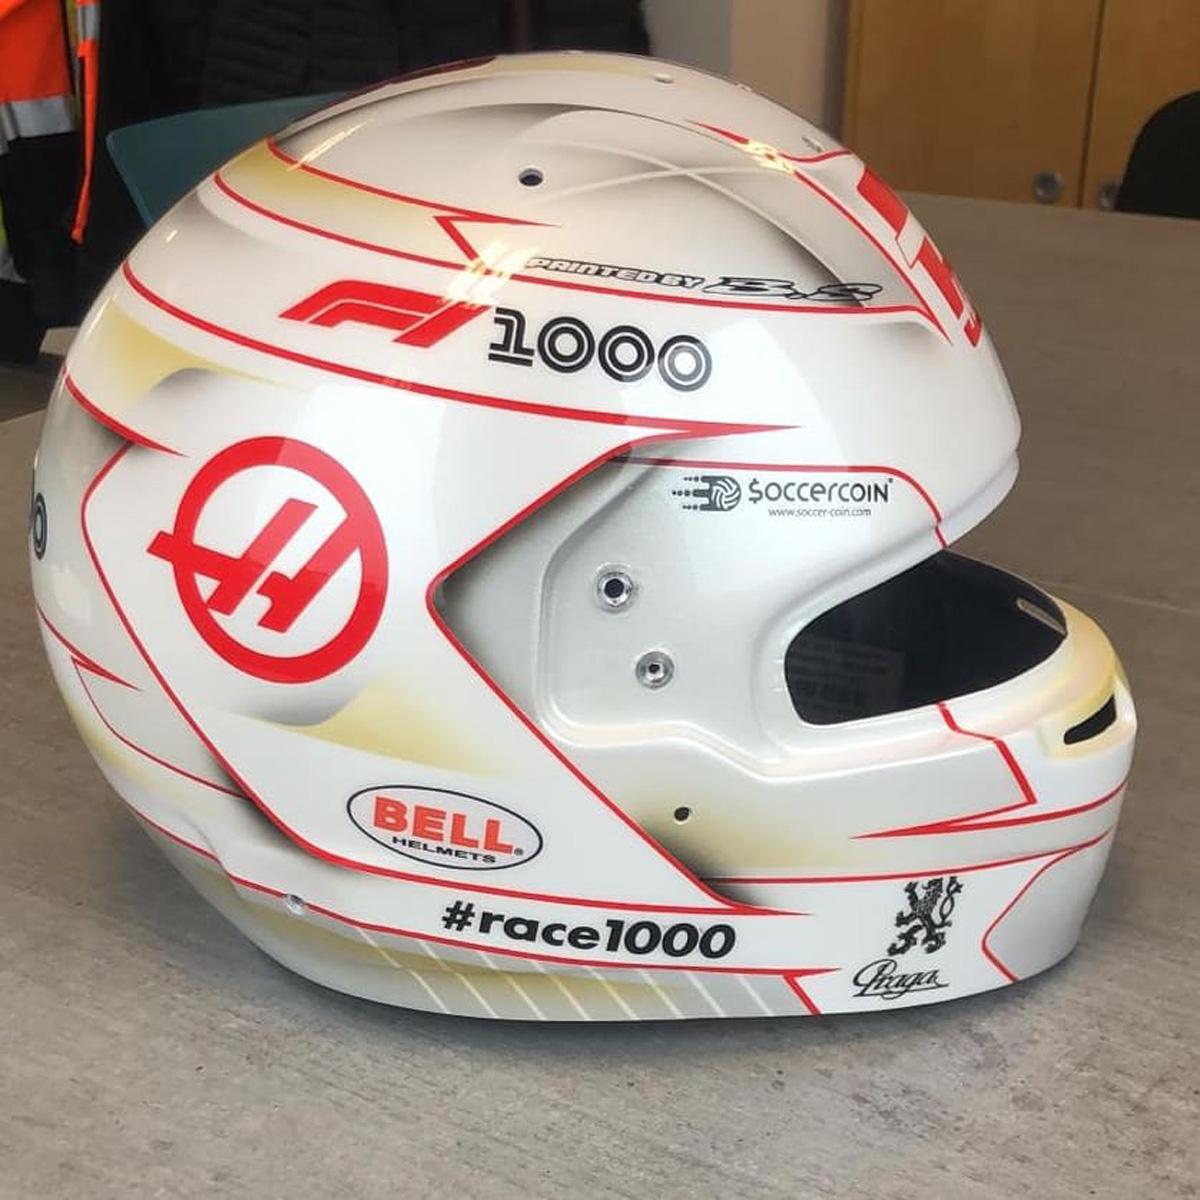 ロマン・グロージャン 2019年 F1中国GP ヘルメット④